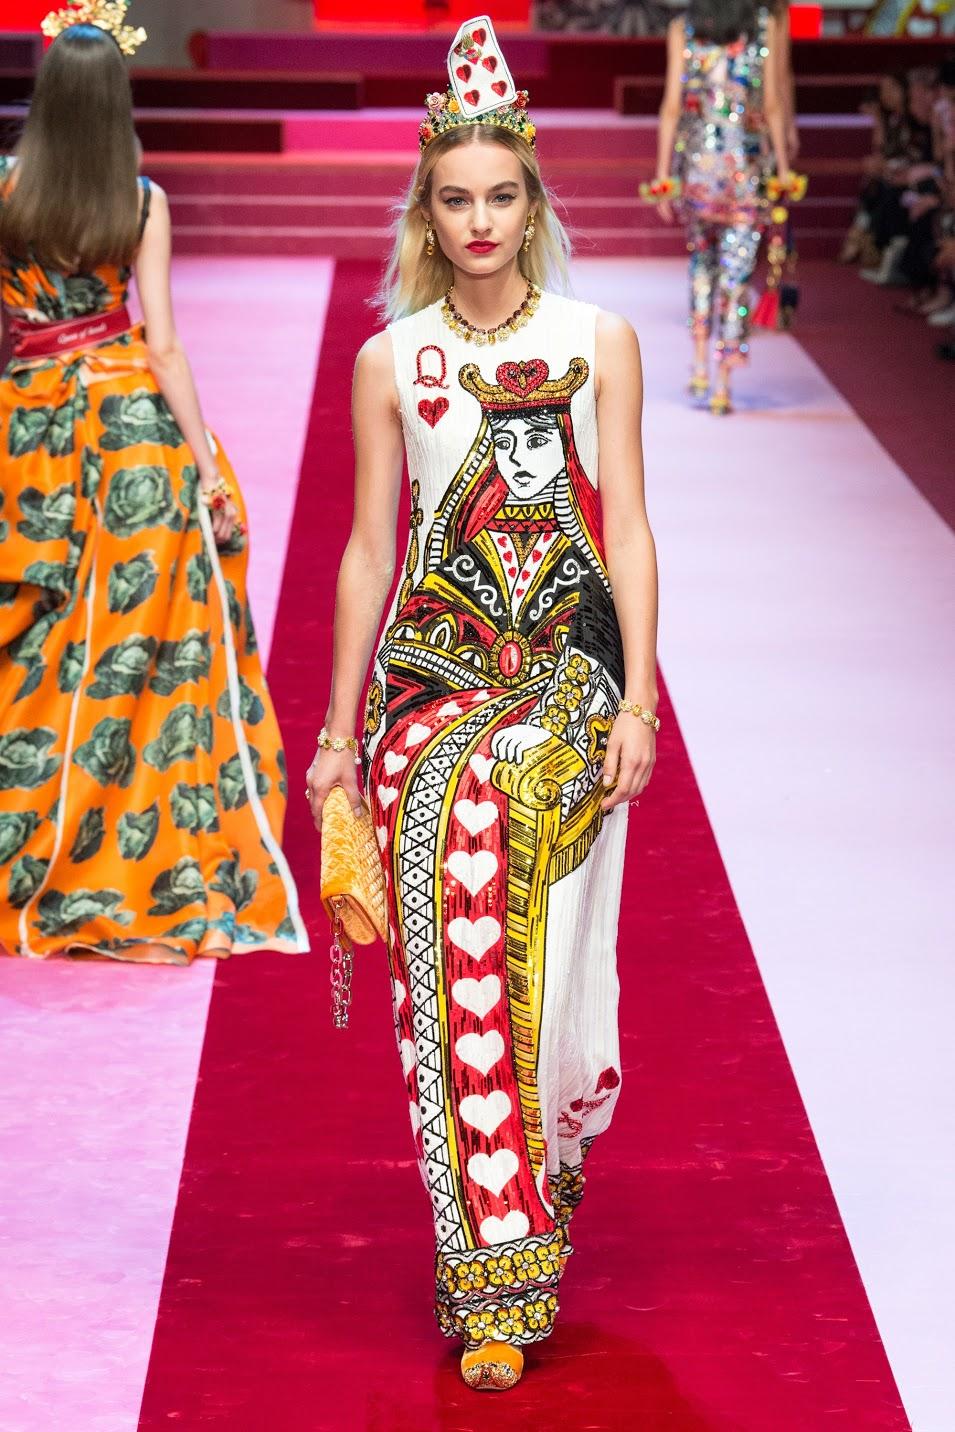 Milan fashion week Dolce pic.jpg